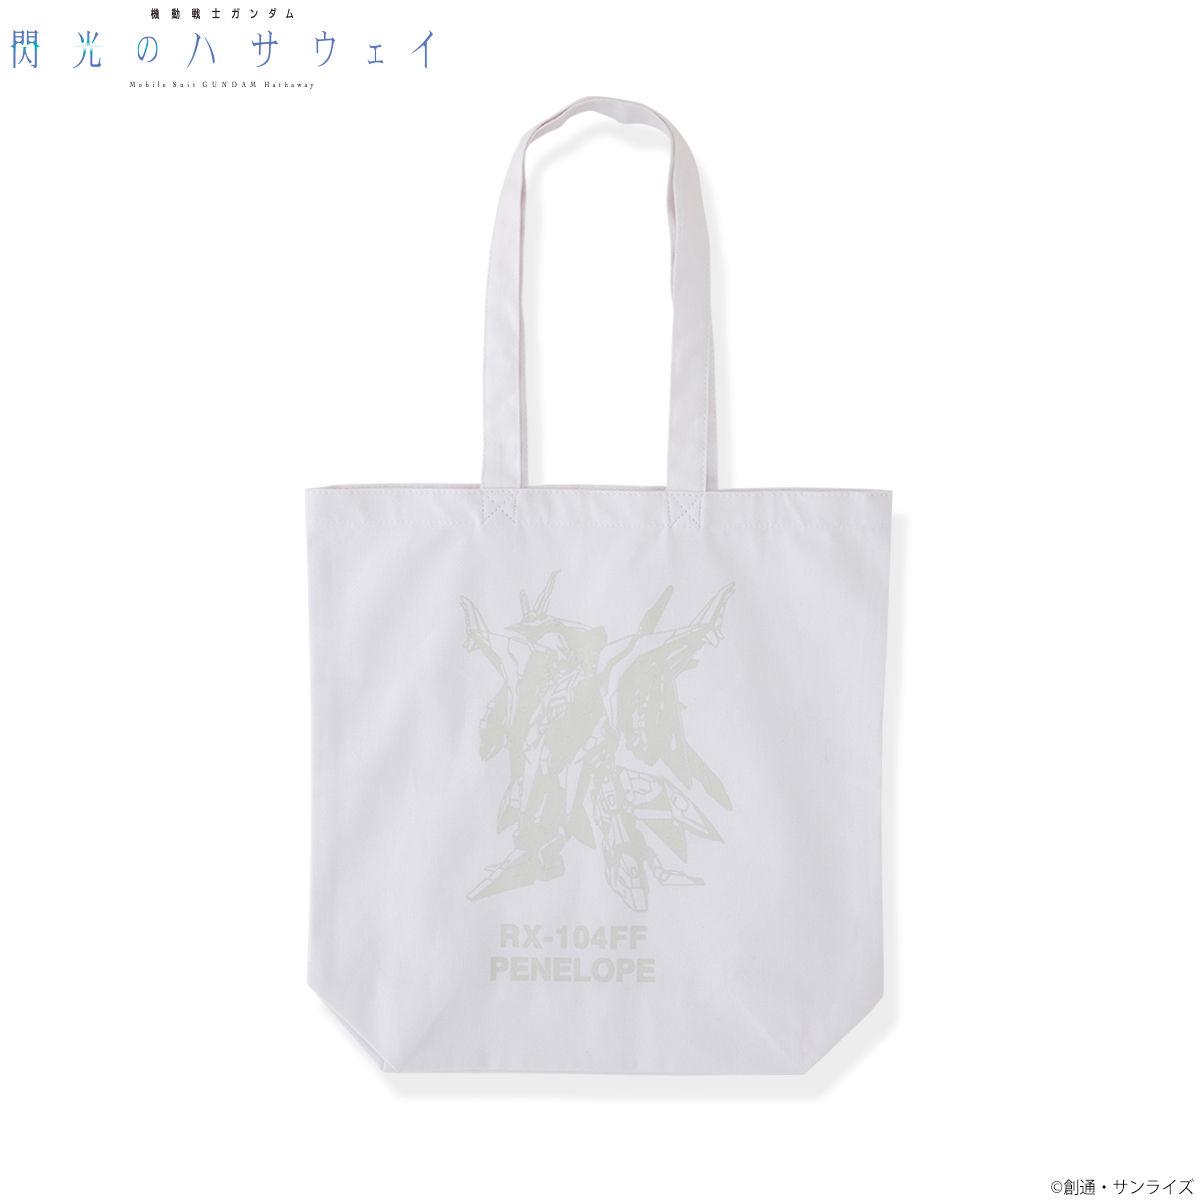 Tote Bag—Mobile Suit Gundam Hathaway